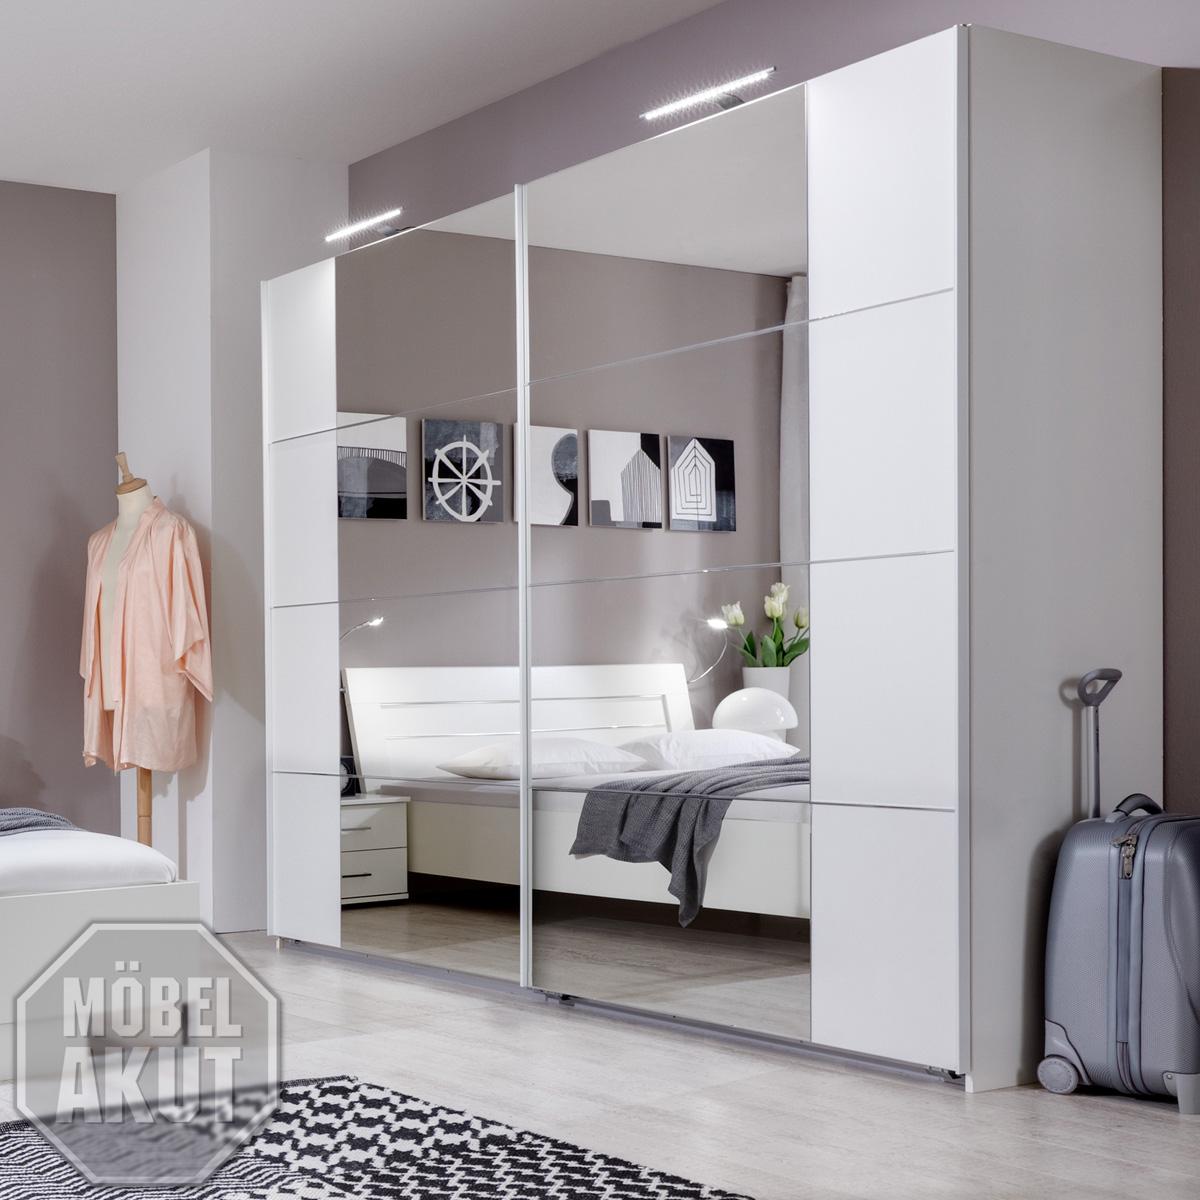 schwebet renschrank davos kleiderschrank in wei mit spiegel breite 270cm eur 459 95 picclick de. Black Bedroom Furniture Sets. Home Design Ideas